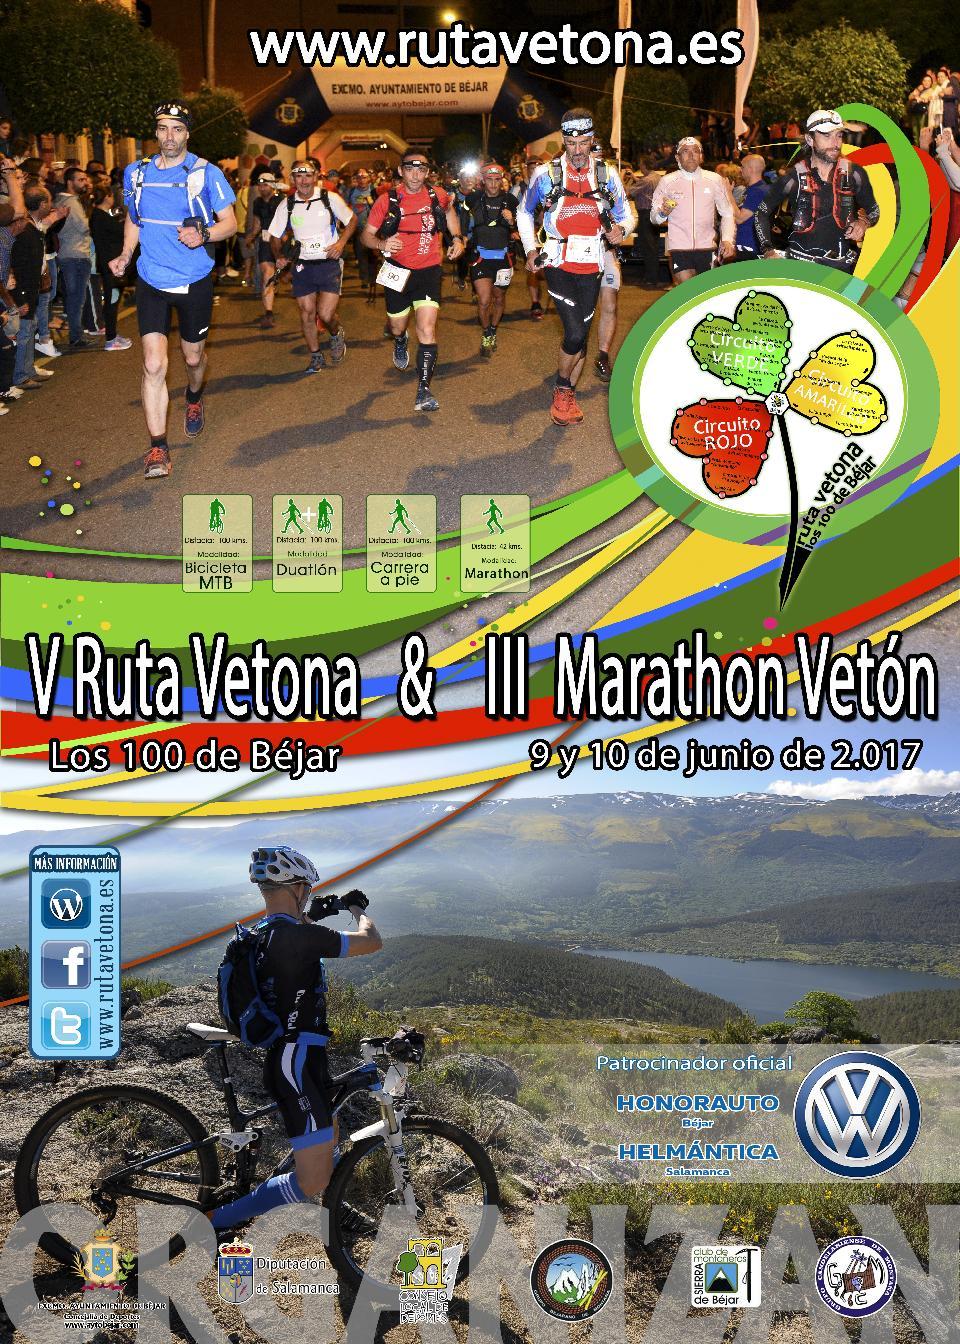 Todo a punto para la quinta edición de la Ruta Vetona y tercera del Marathon Vetón